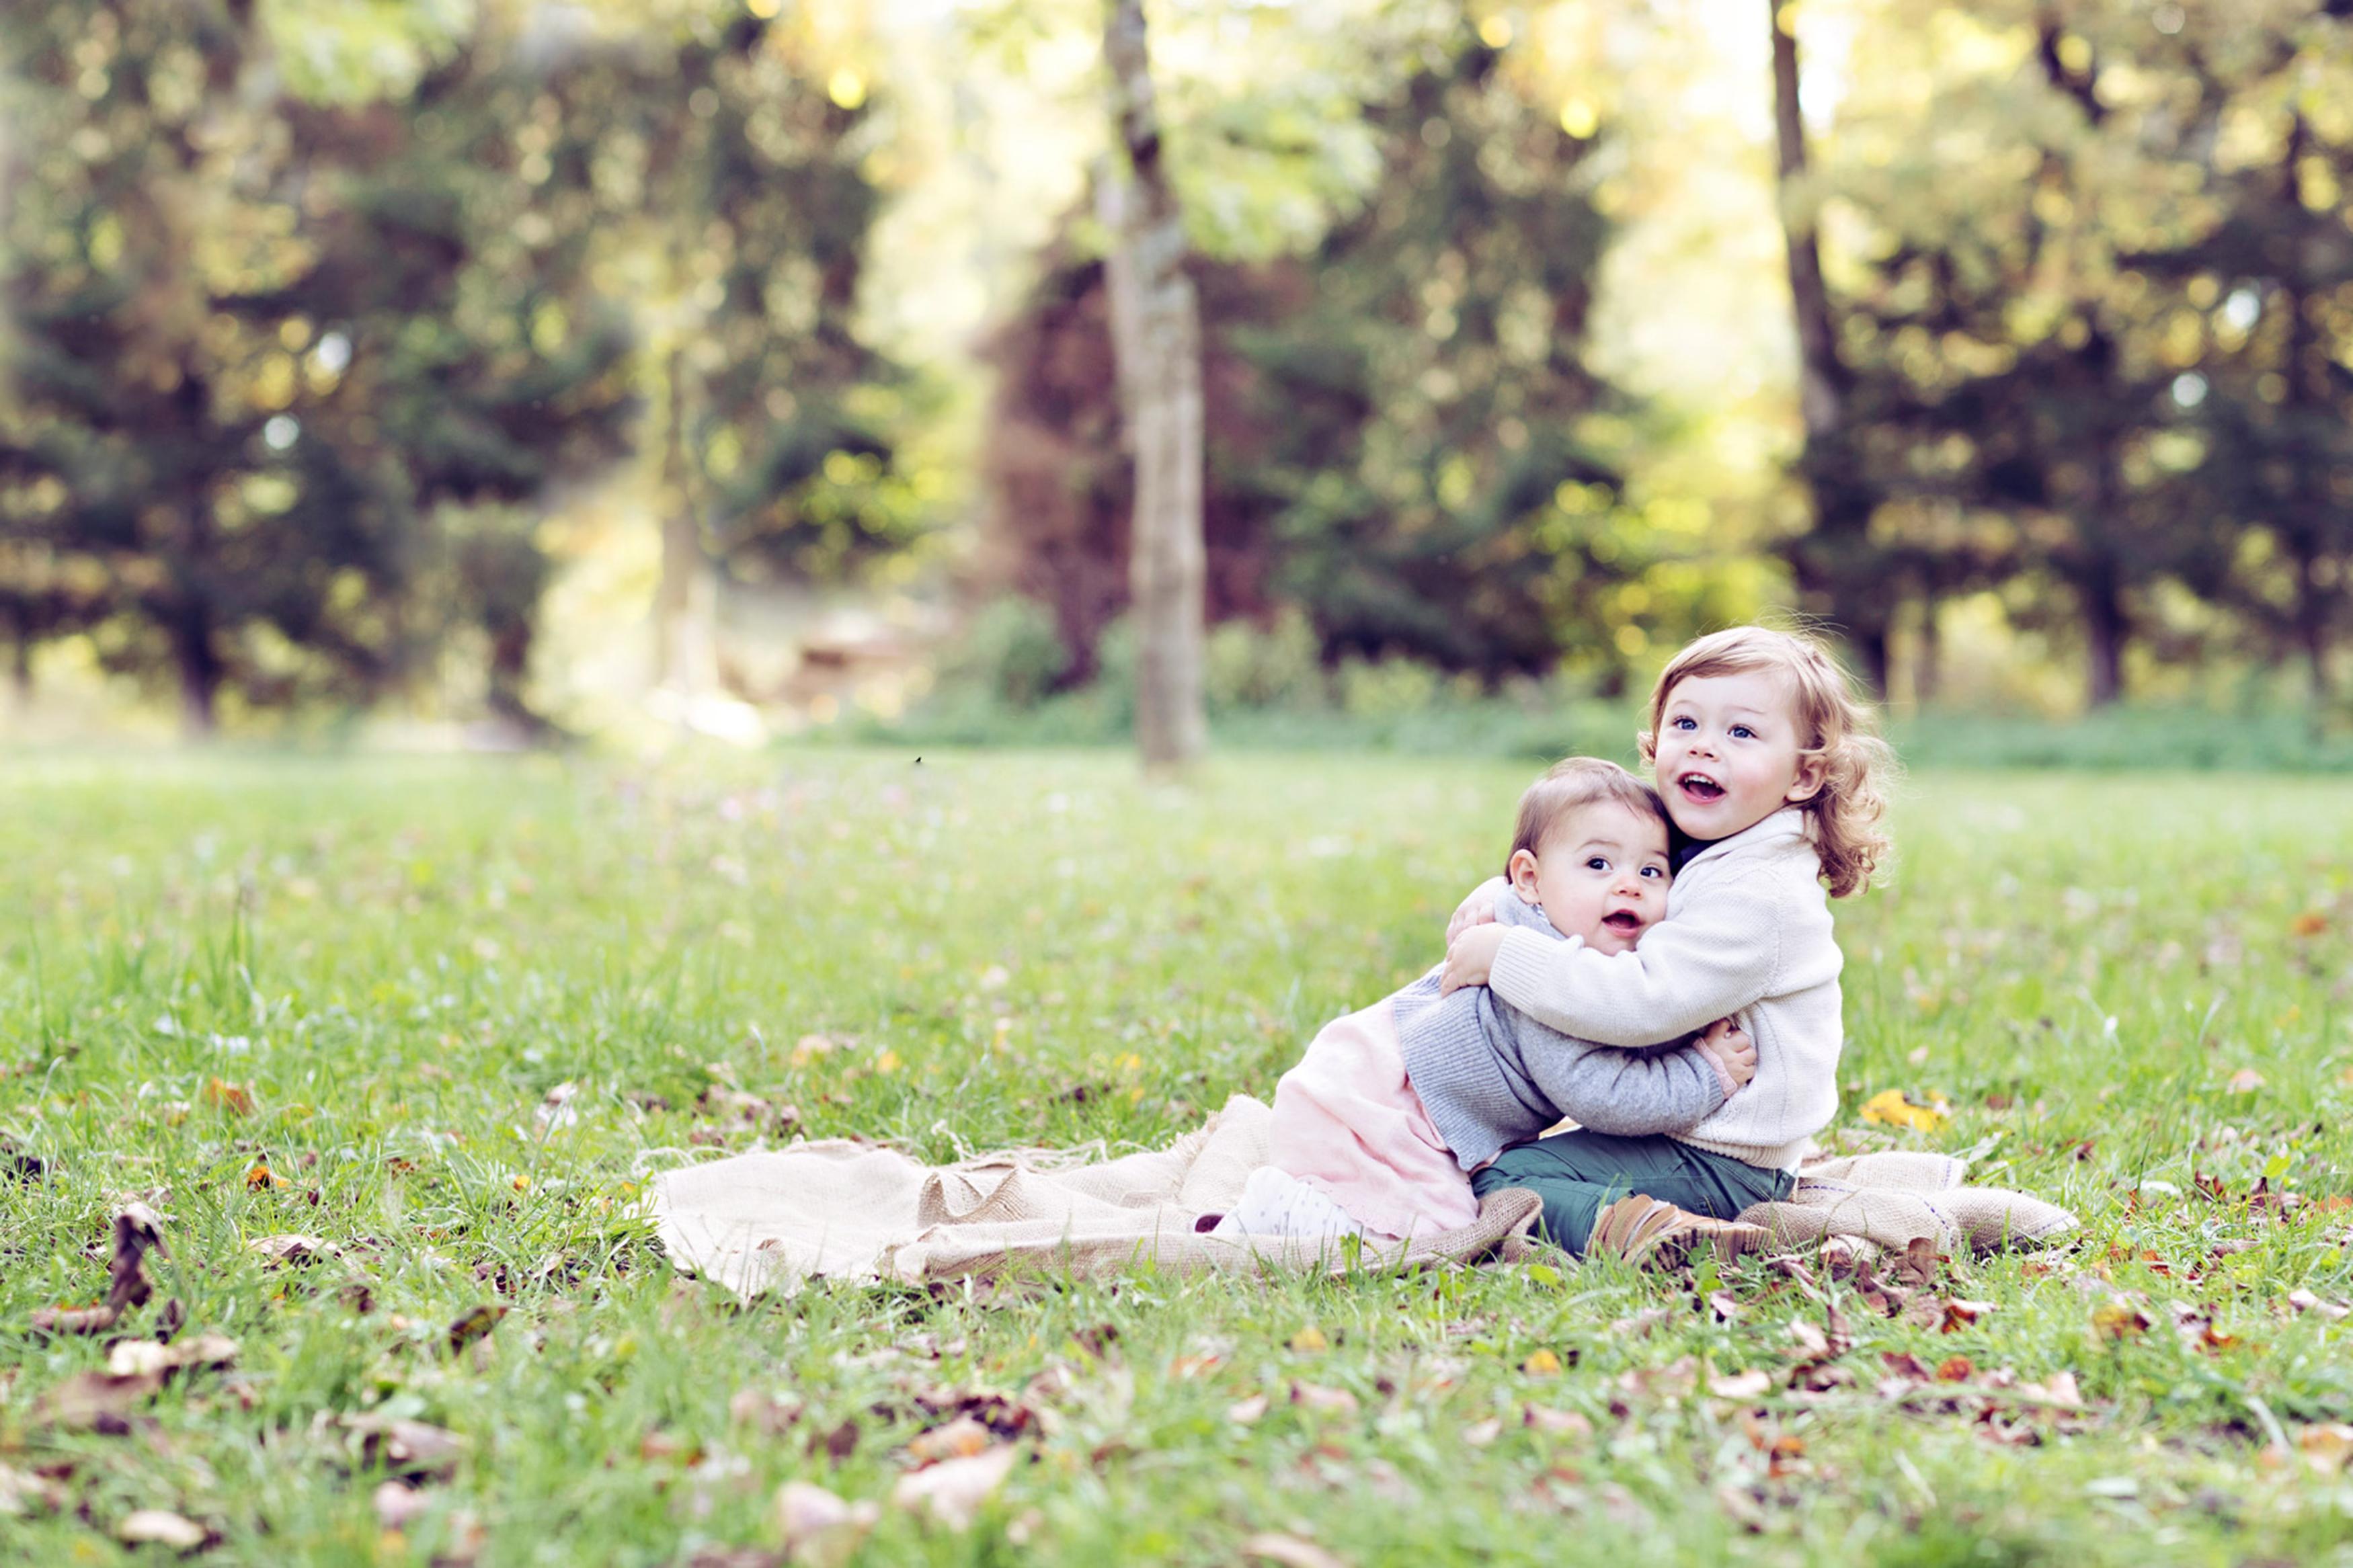 Donna Bellini Fotografie München Landsberger Str.441 81241 München 08921539669